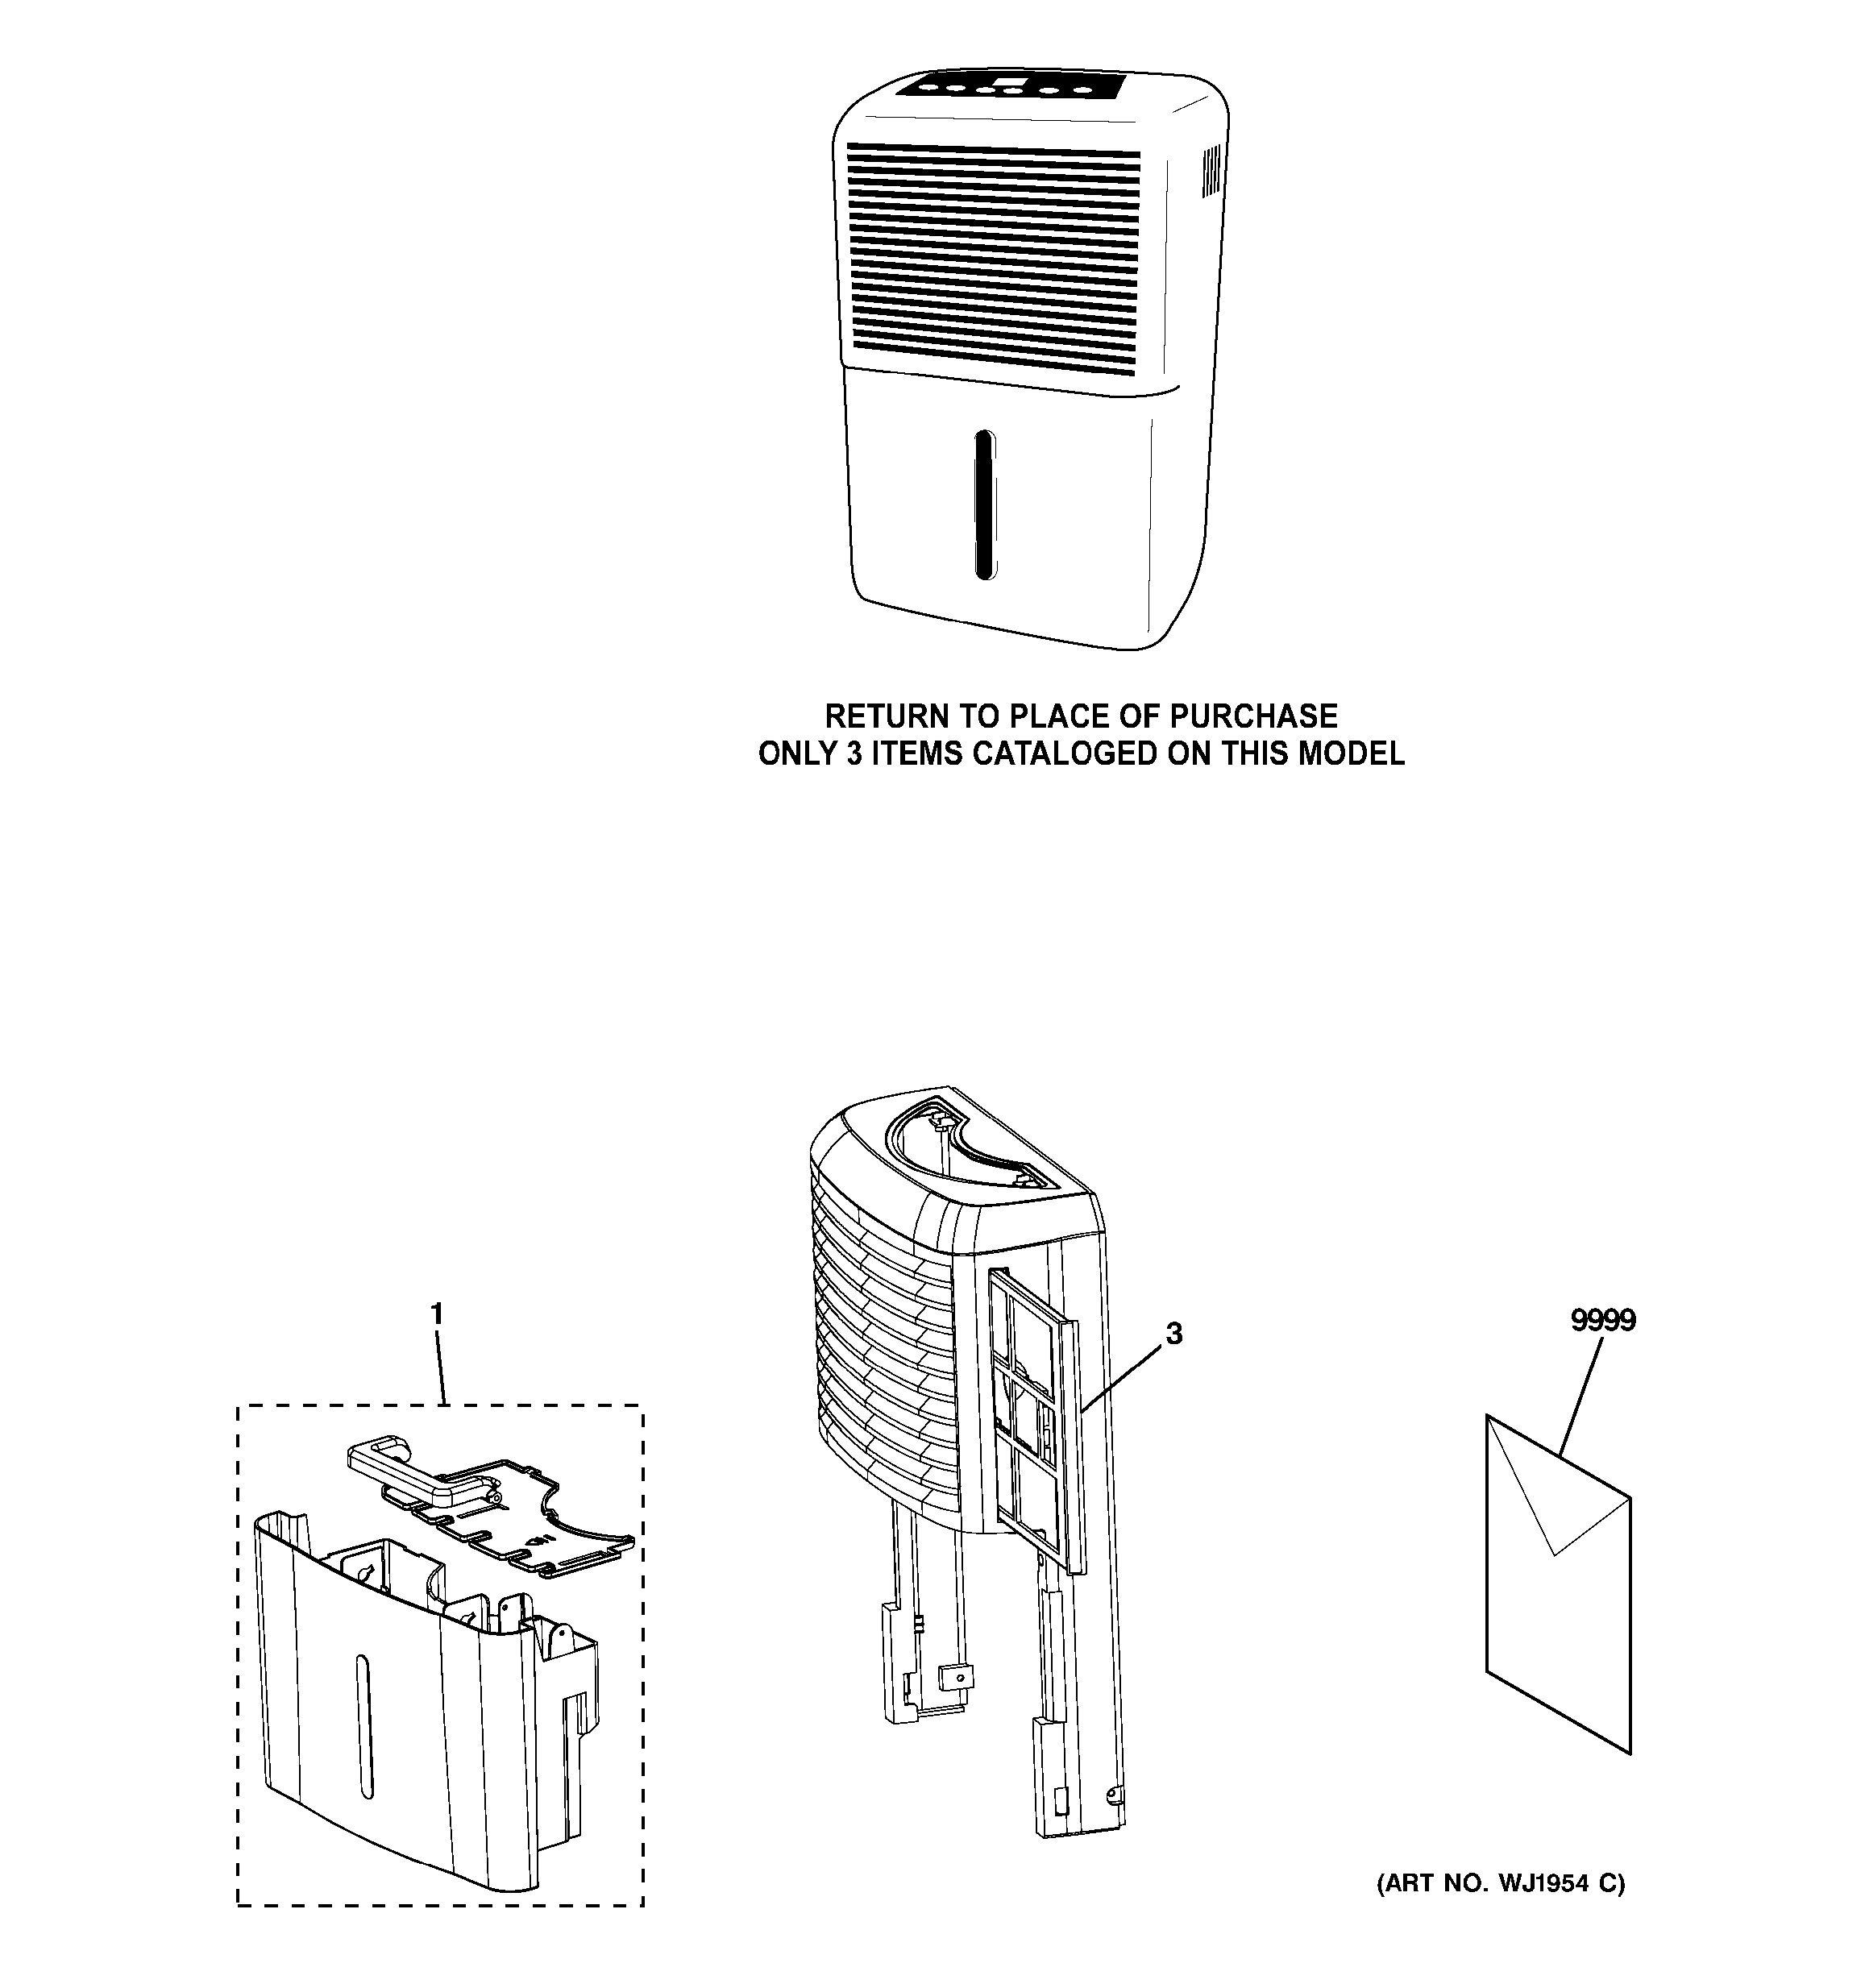 dehumidifier parts diagram